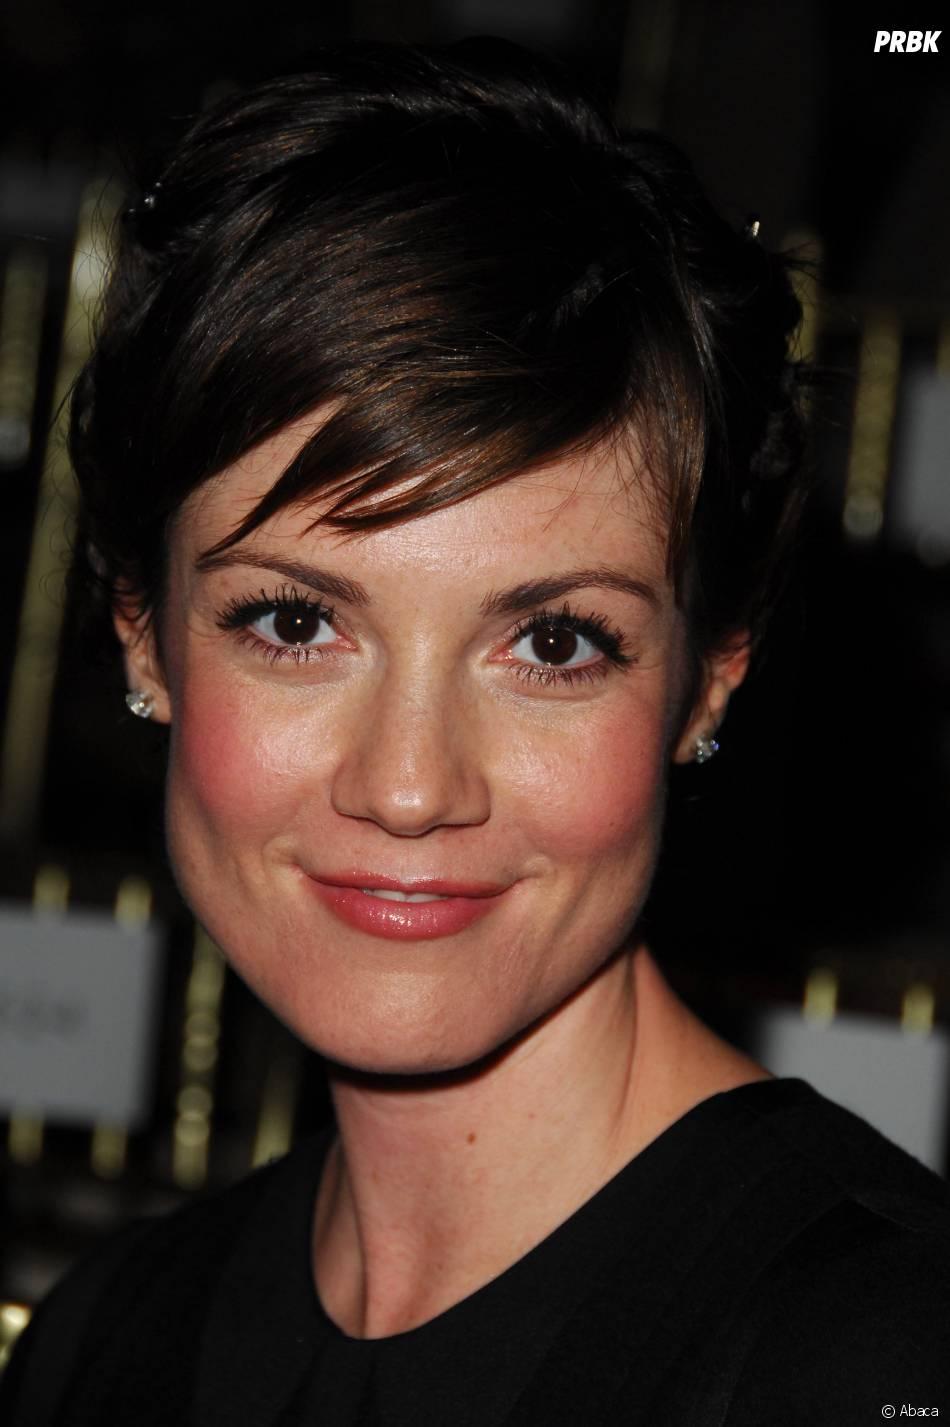 NCIS : New Orleans - Zoe McLellan sera une nouvelle flic sur CBS